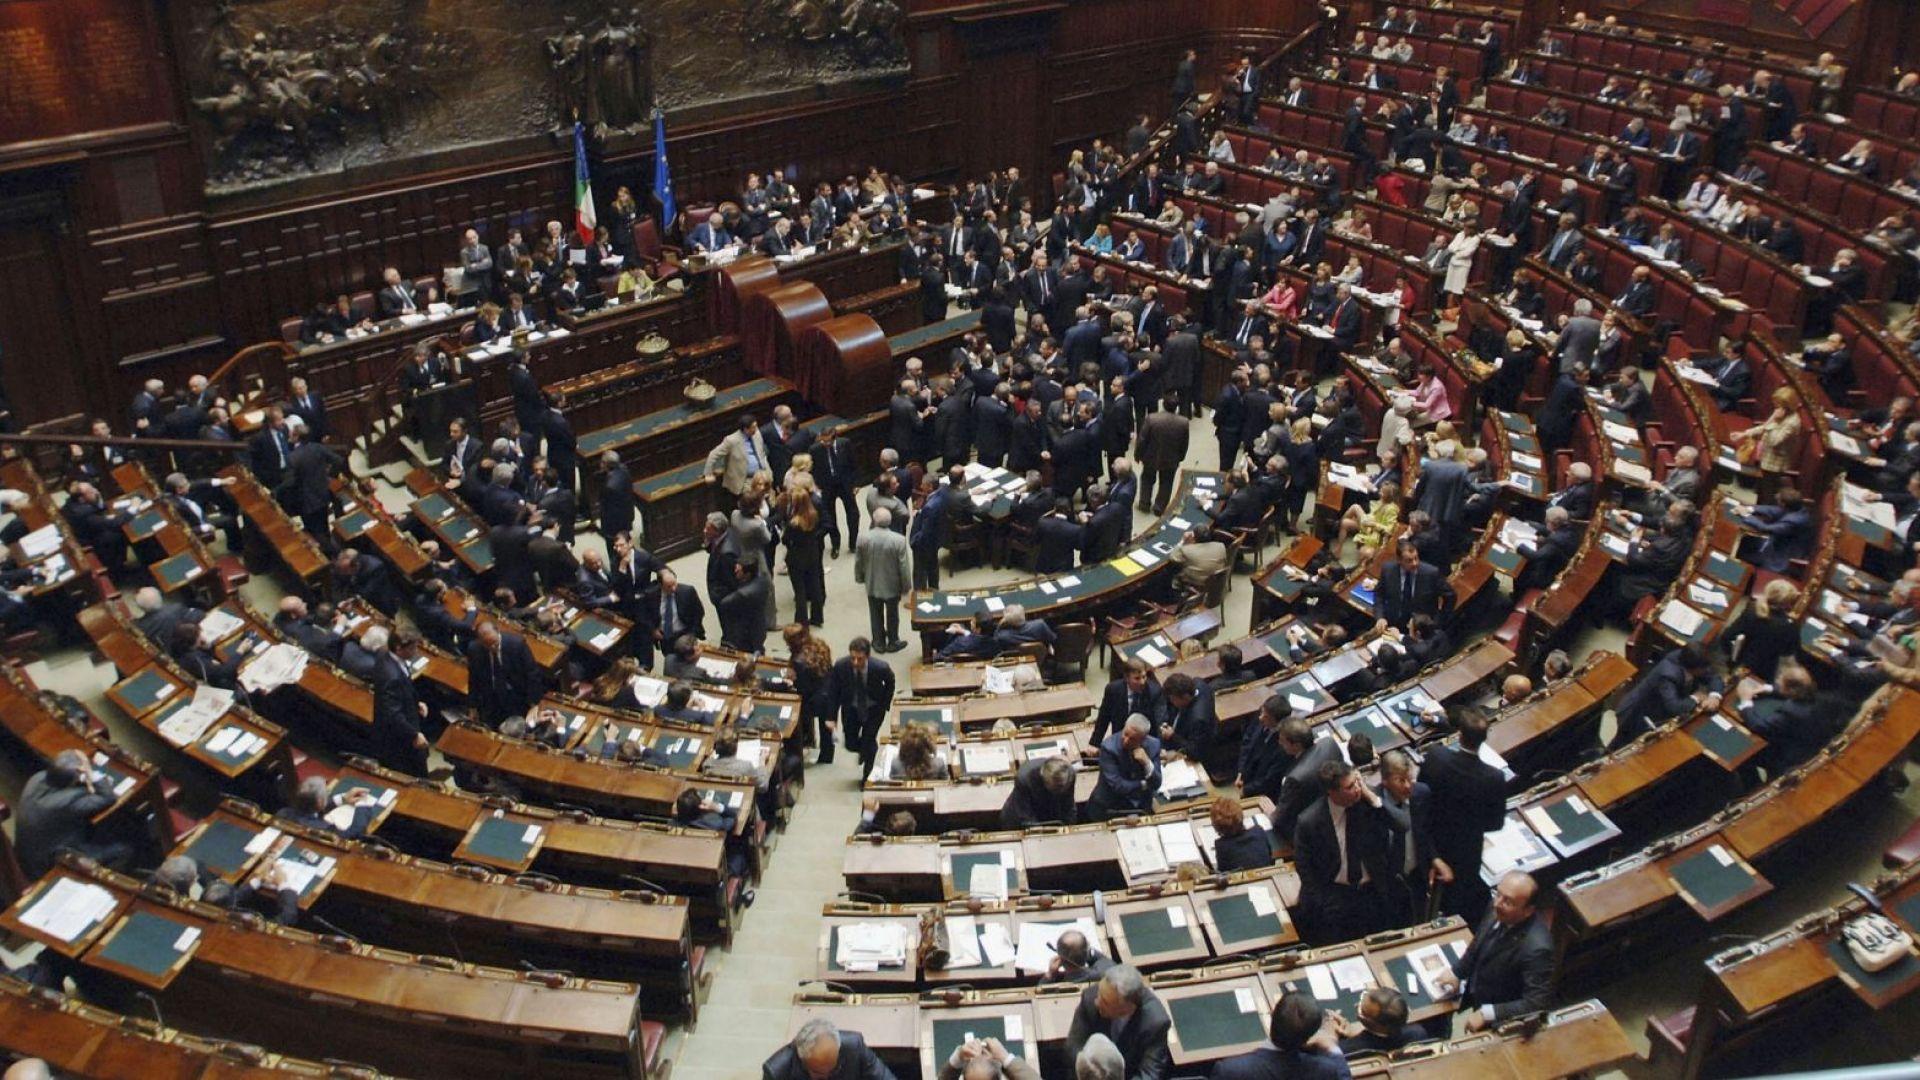 Снимка: Италия намалява броя на депутатите, за да спести €100 млн. годишно